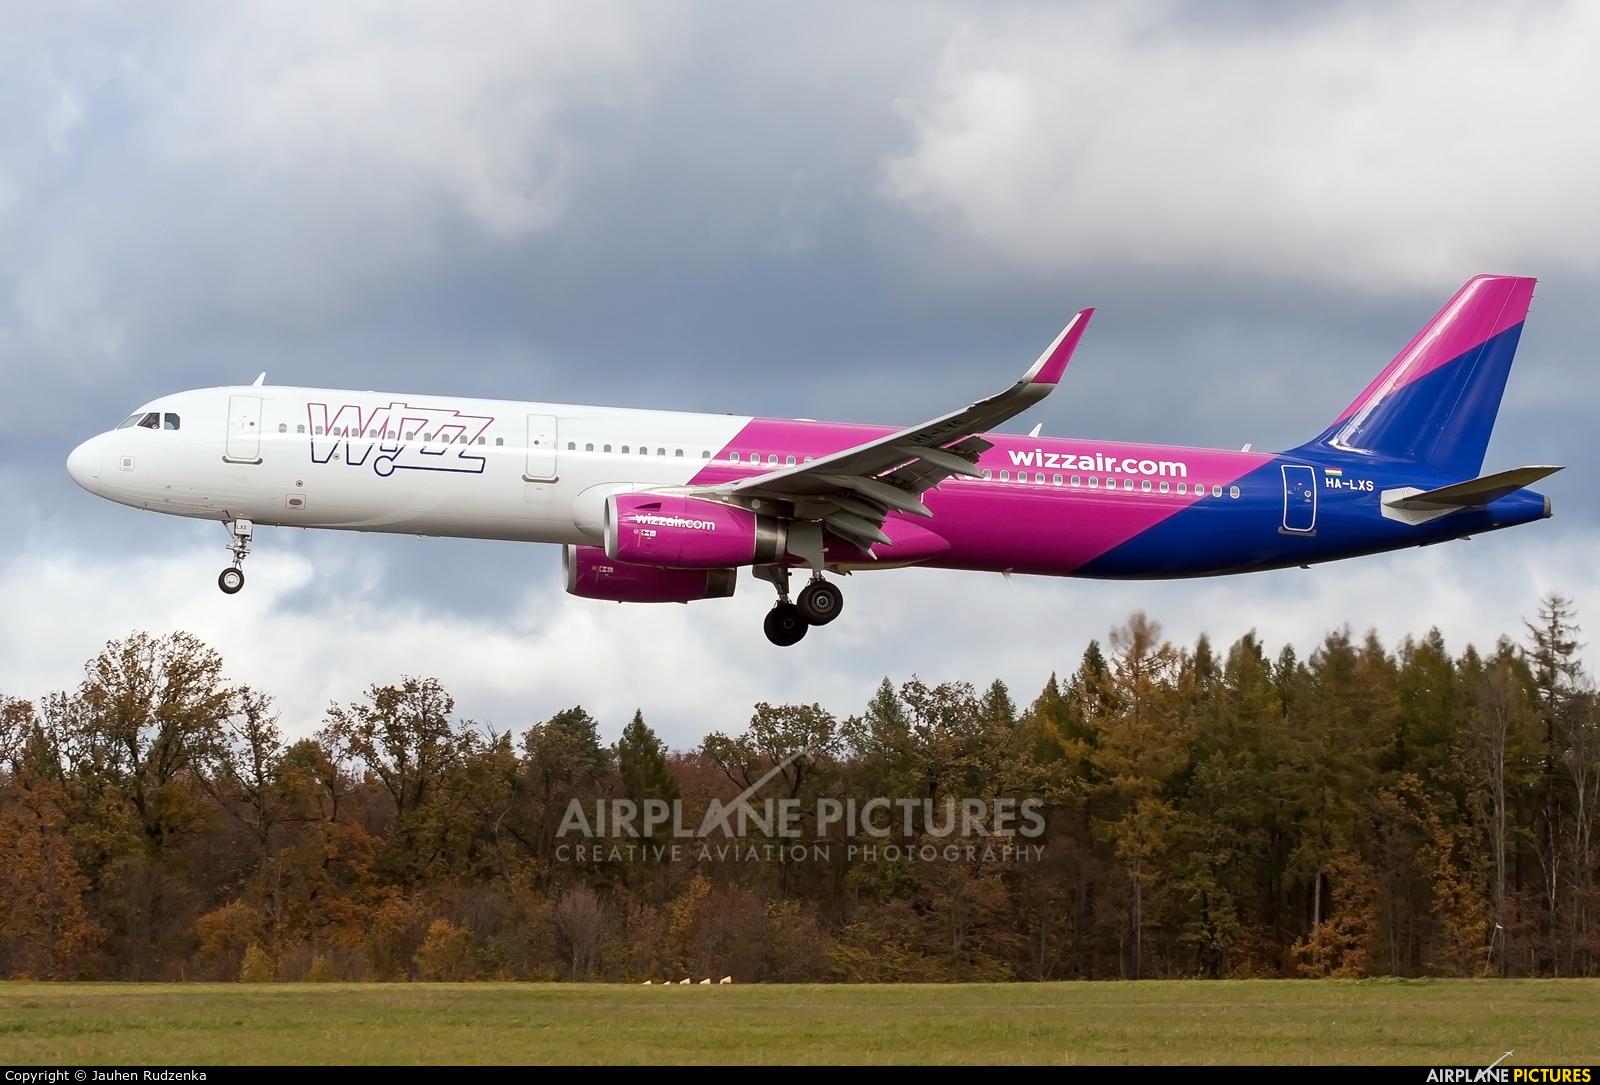 Wizz Air HA-LXS aircraft at Lublin